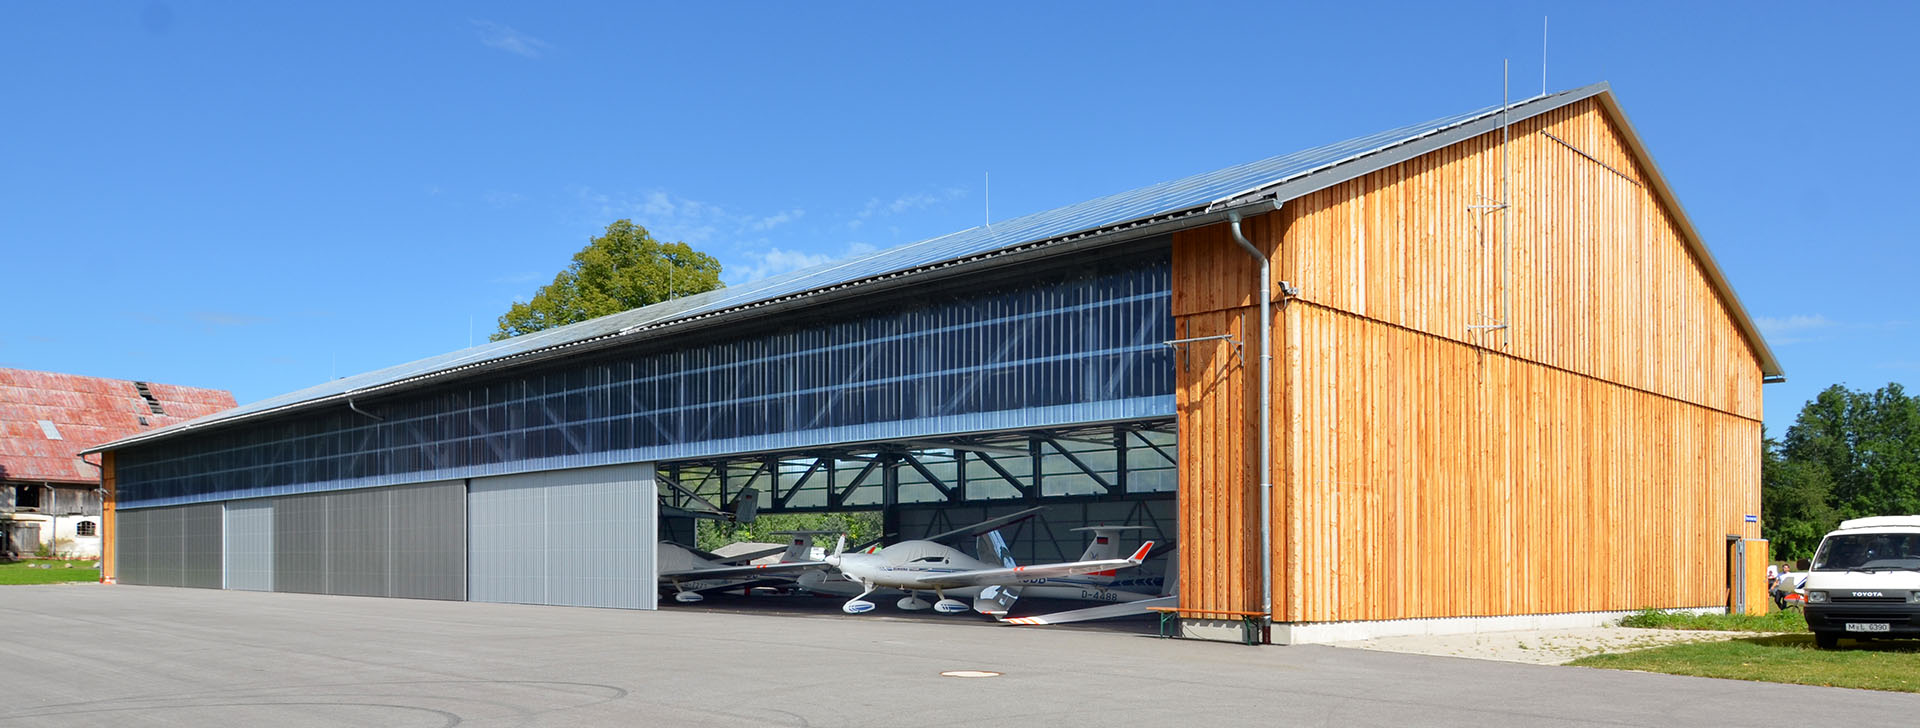 Halle für Segelflugzeuge